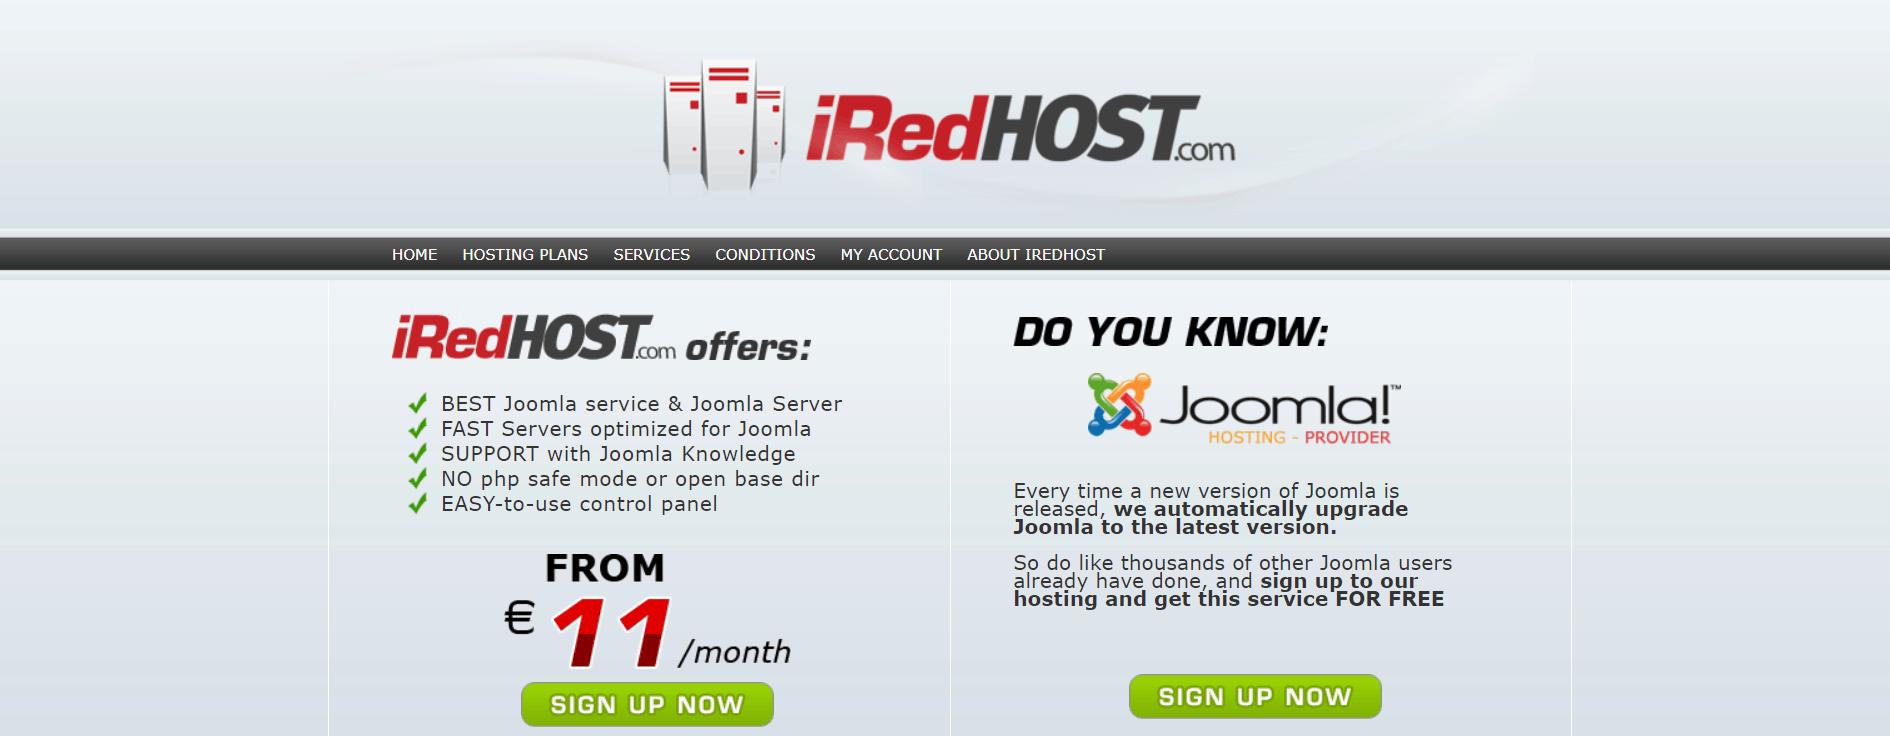 iredhosr-com-logo